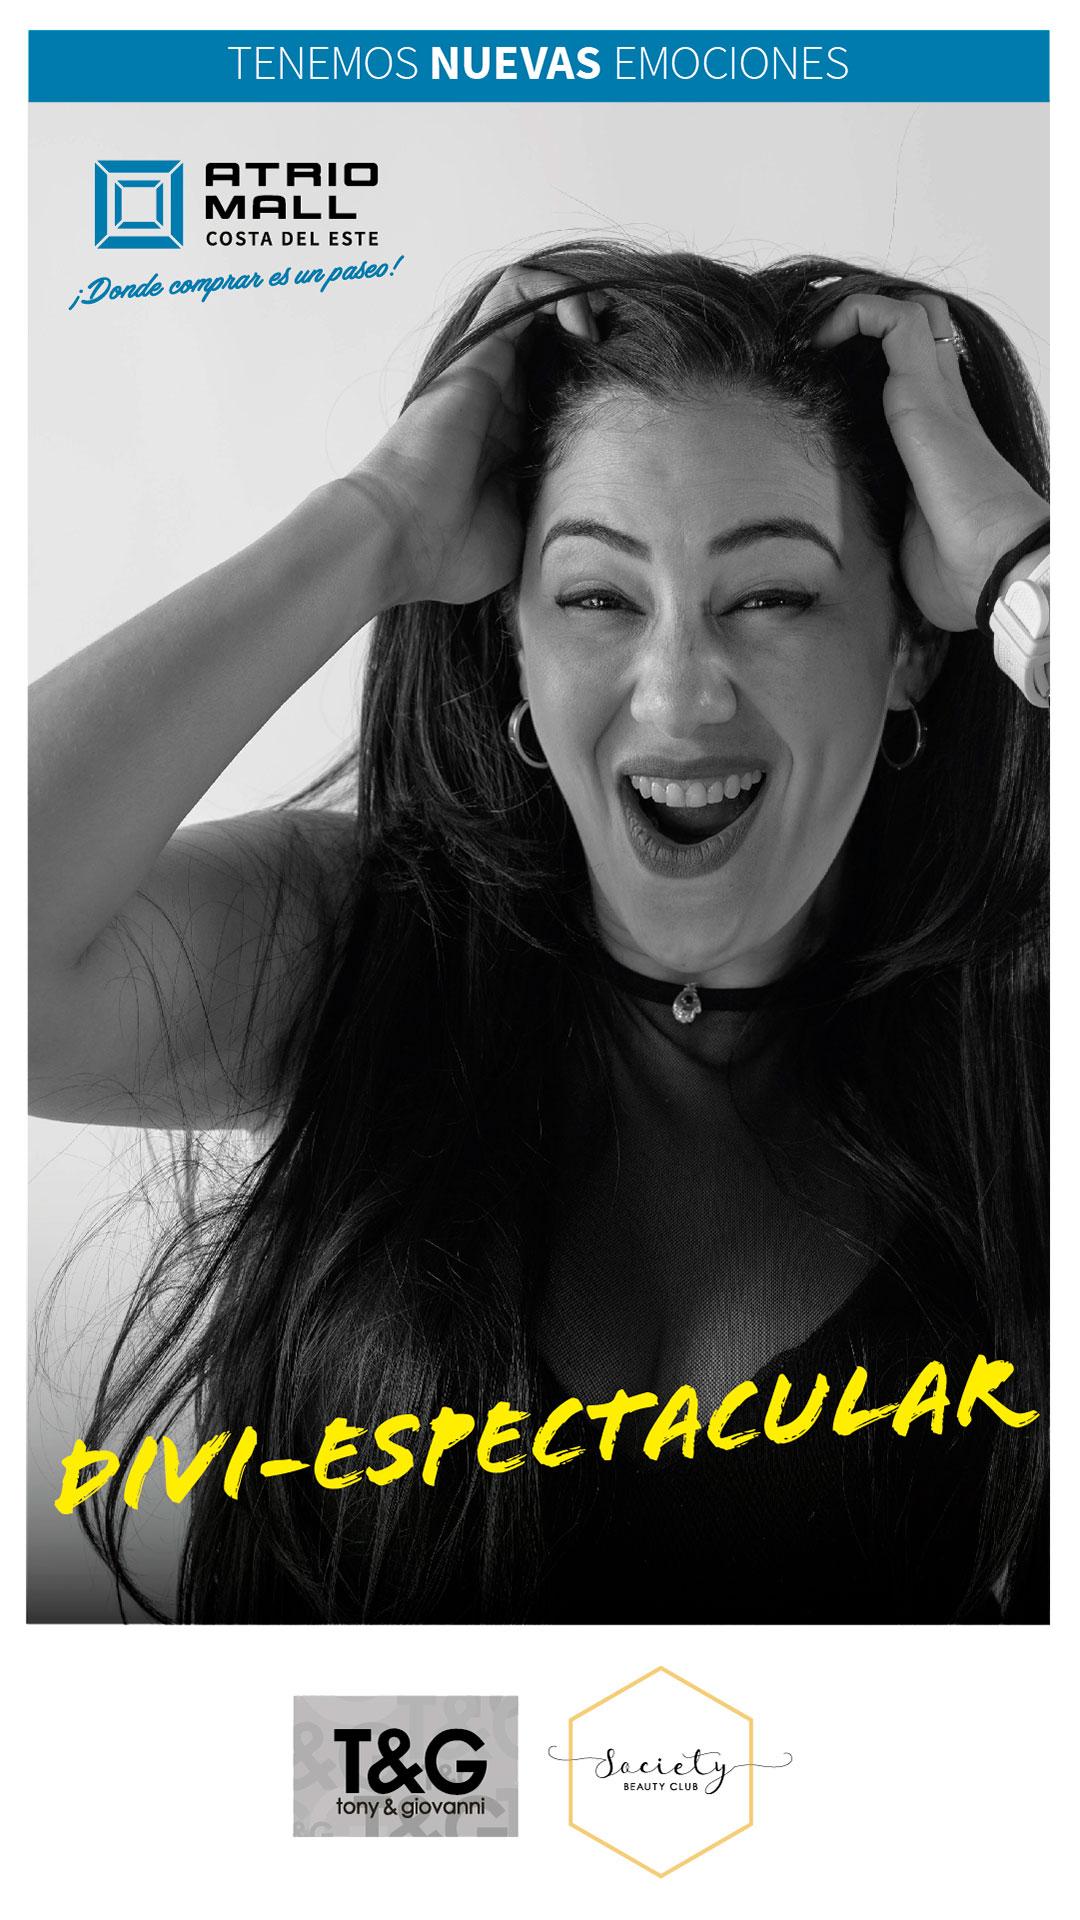 atriomall_campañaSalondeBelleza_1080x1080-01